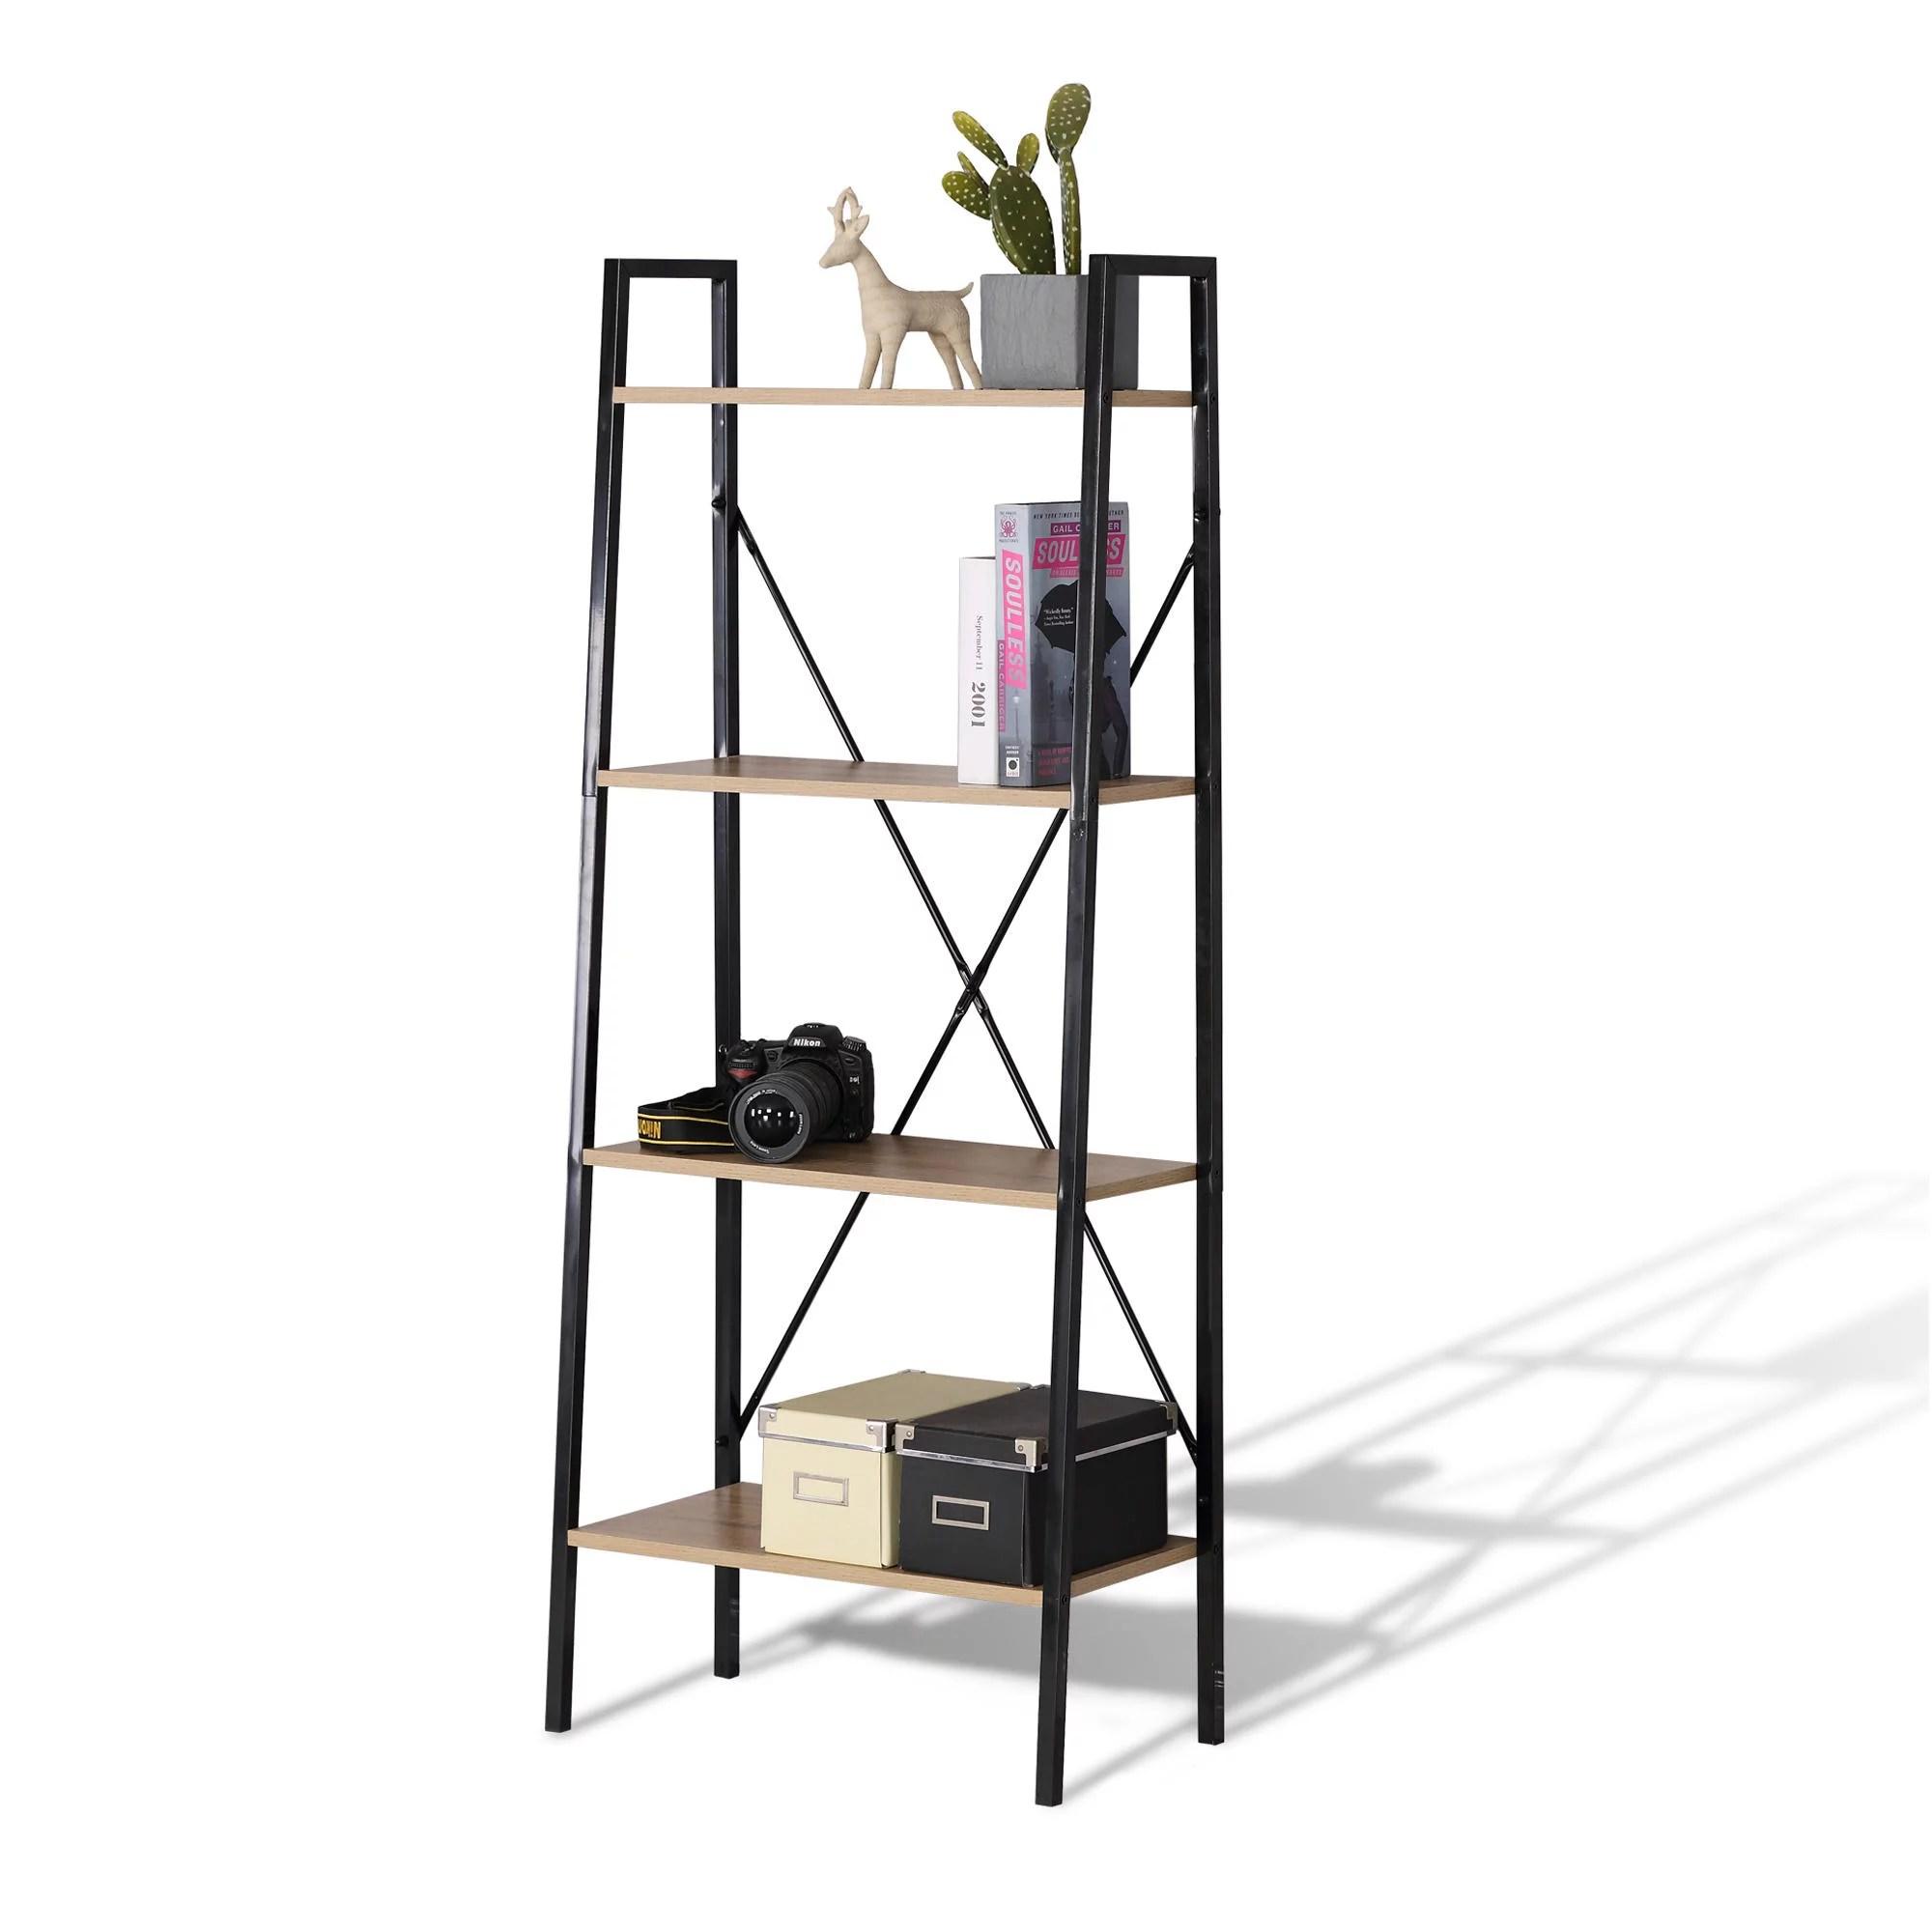 etagere d echelle en bois a 4 niveaux pour livres et plantes etagere bibliotheque etagere de rangement balcon armoire murale etagere organisateur de